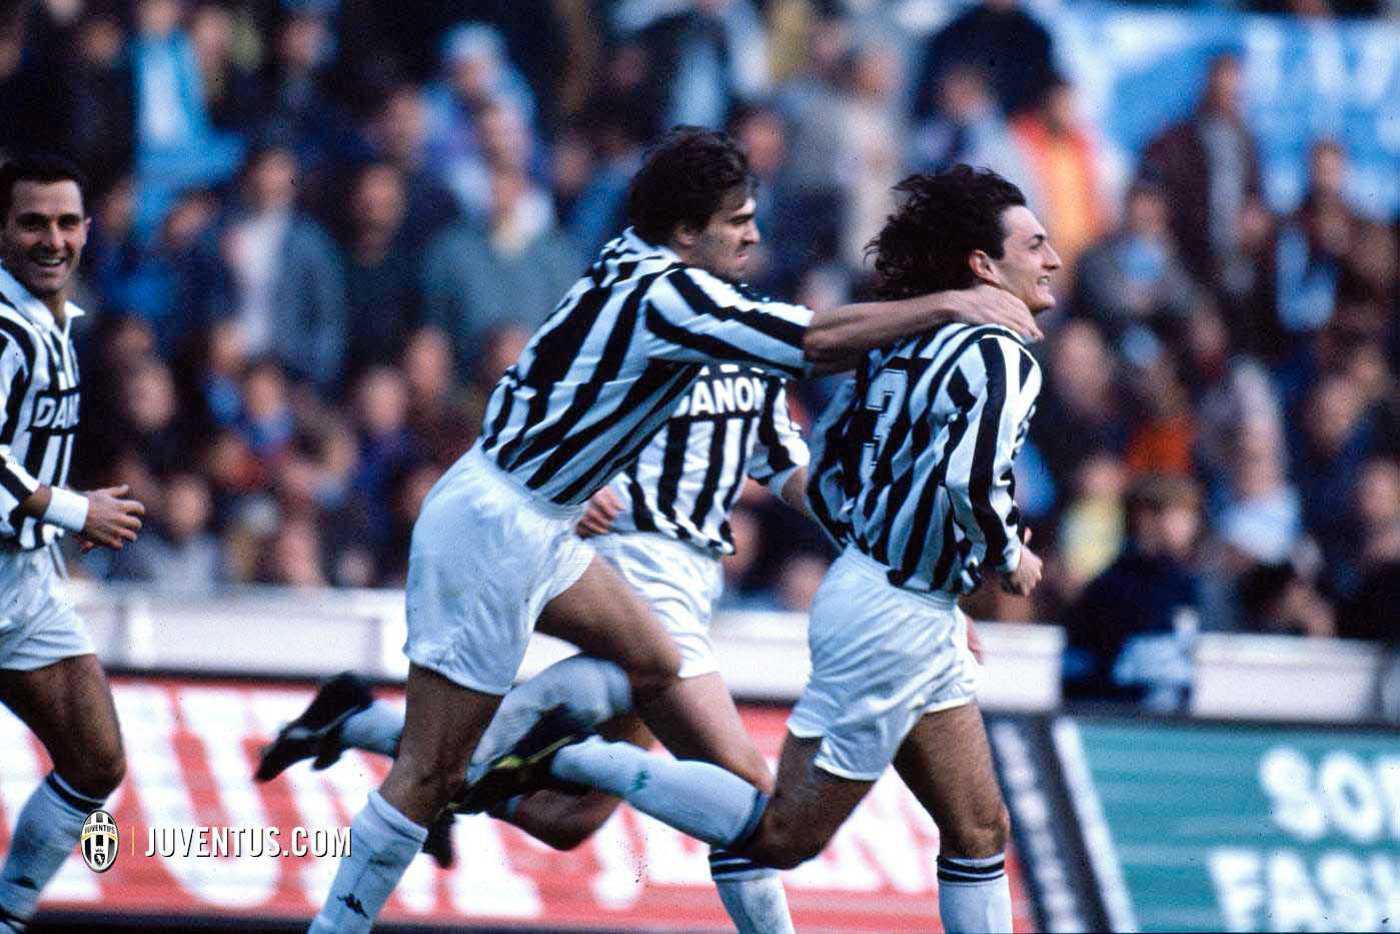 La Juventus ricorda Andrea Fortunato a 24 anni dalla morte ...